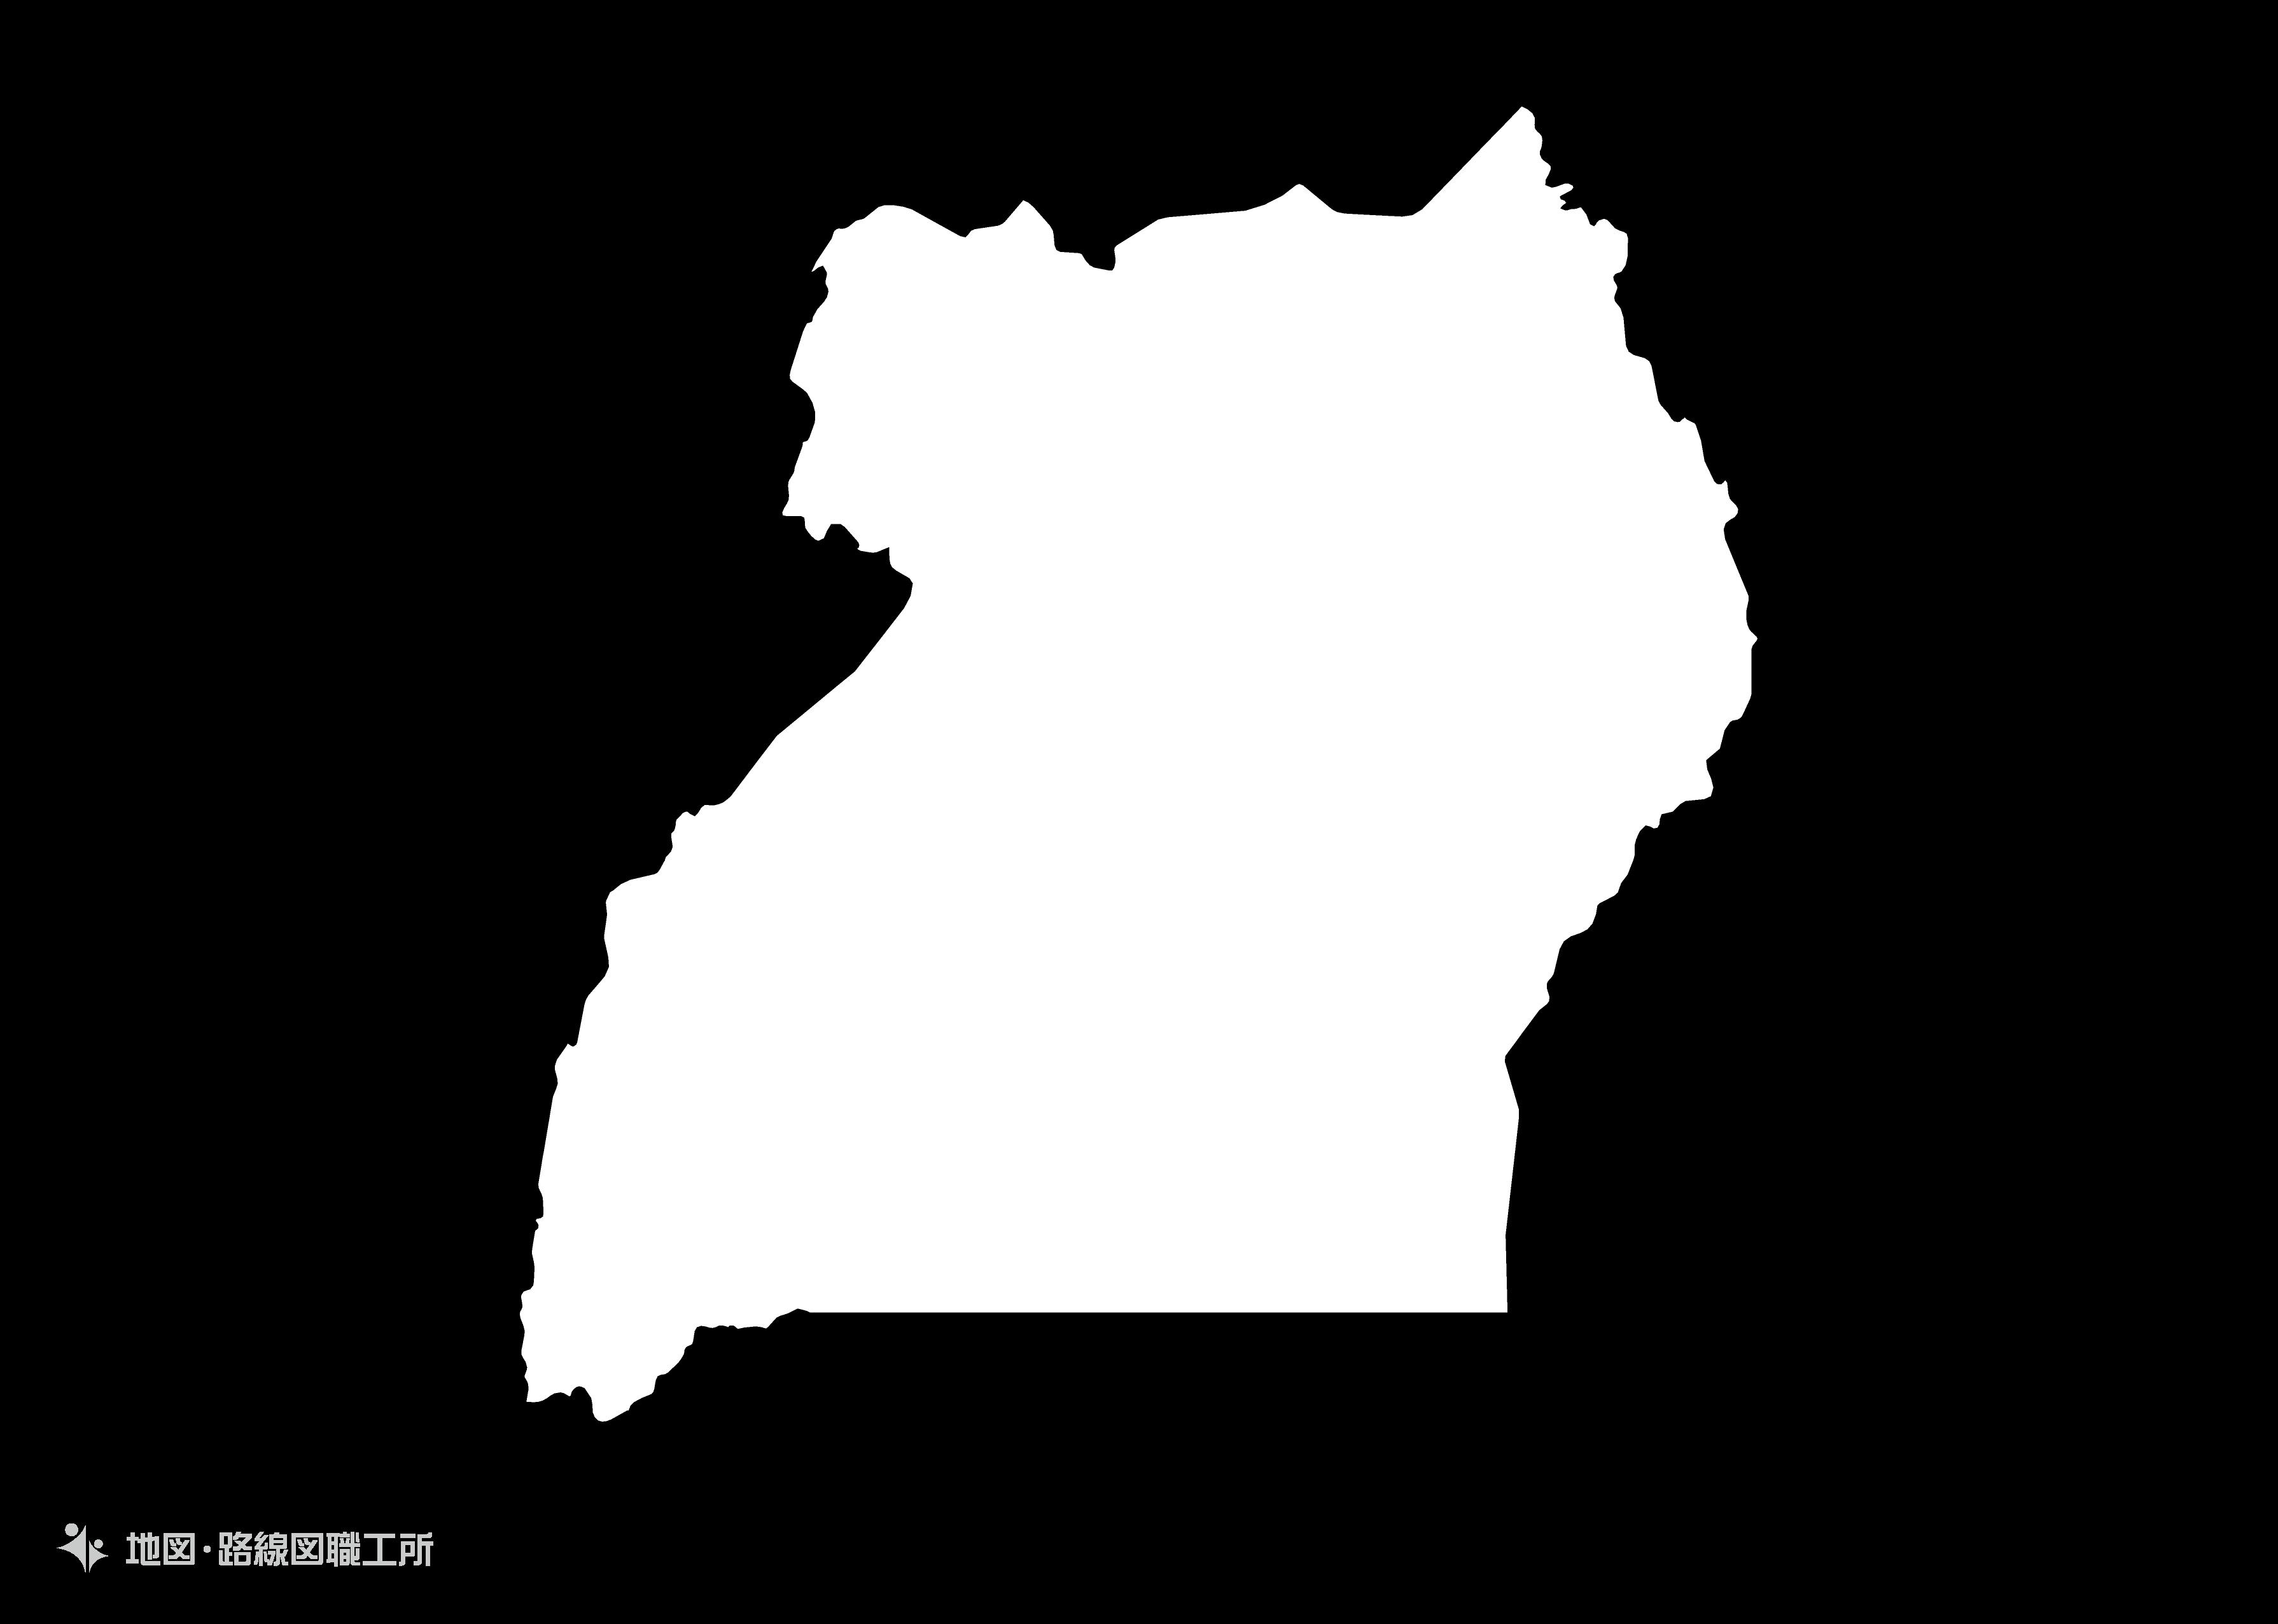 世界の白地図 ウガンダ共和国 republic-of-uganda map